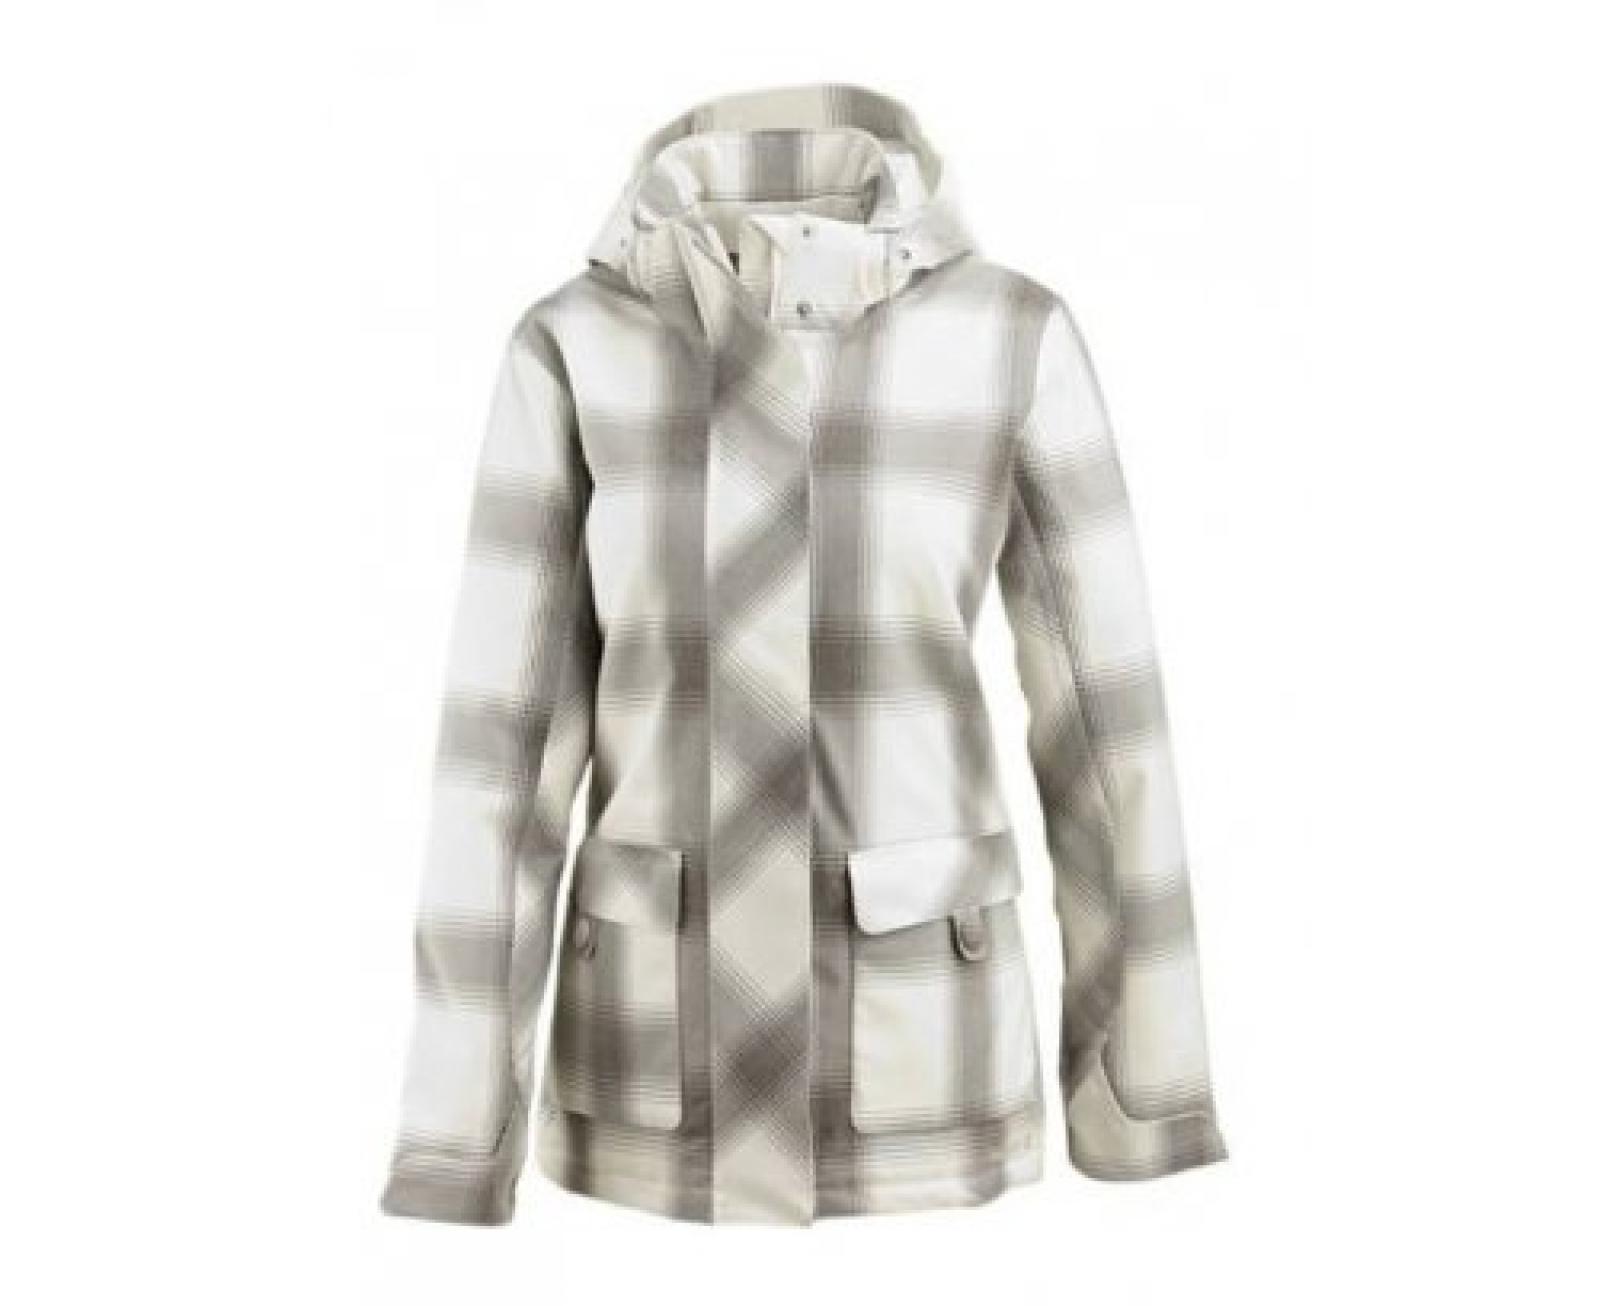 Merrell Geneva Snow Jacket - Undyed Plaid